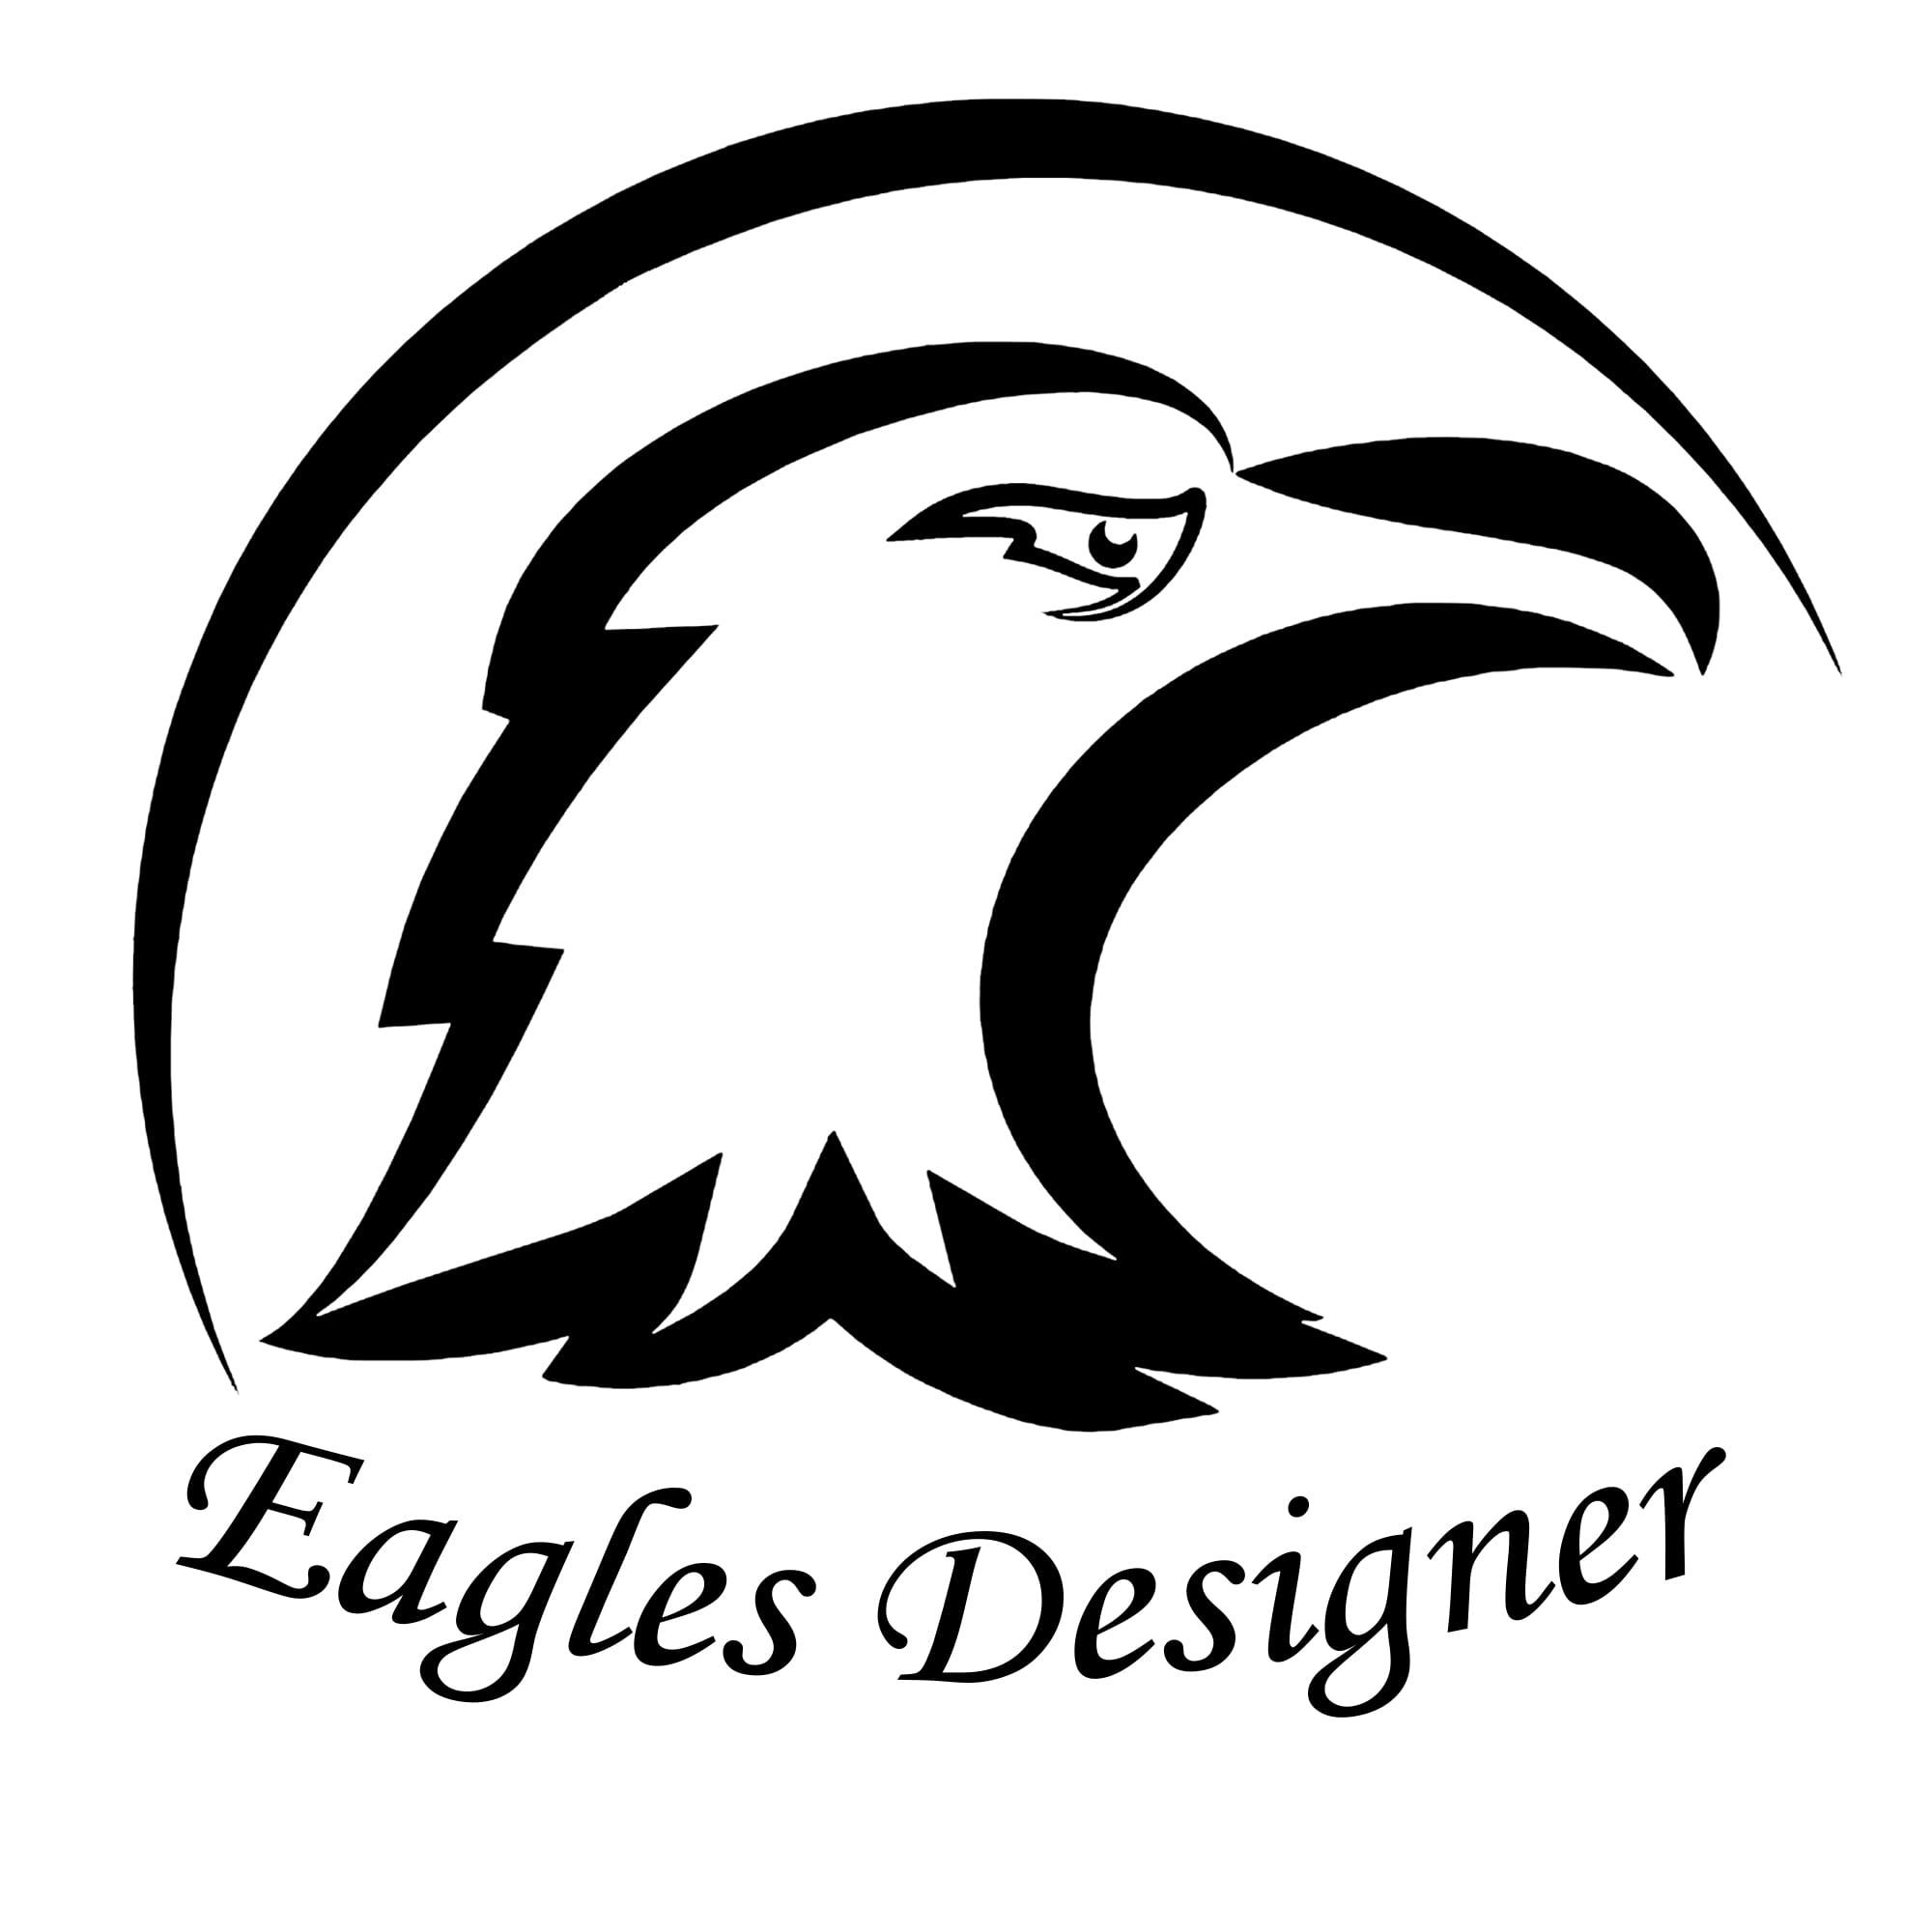 eagles-svg.com